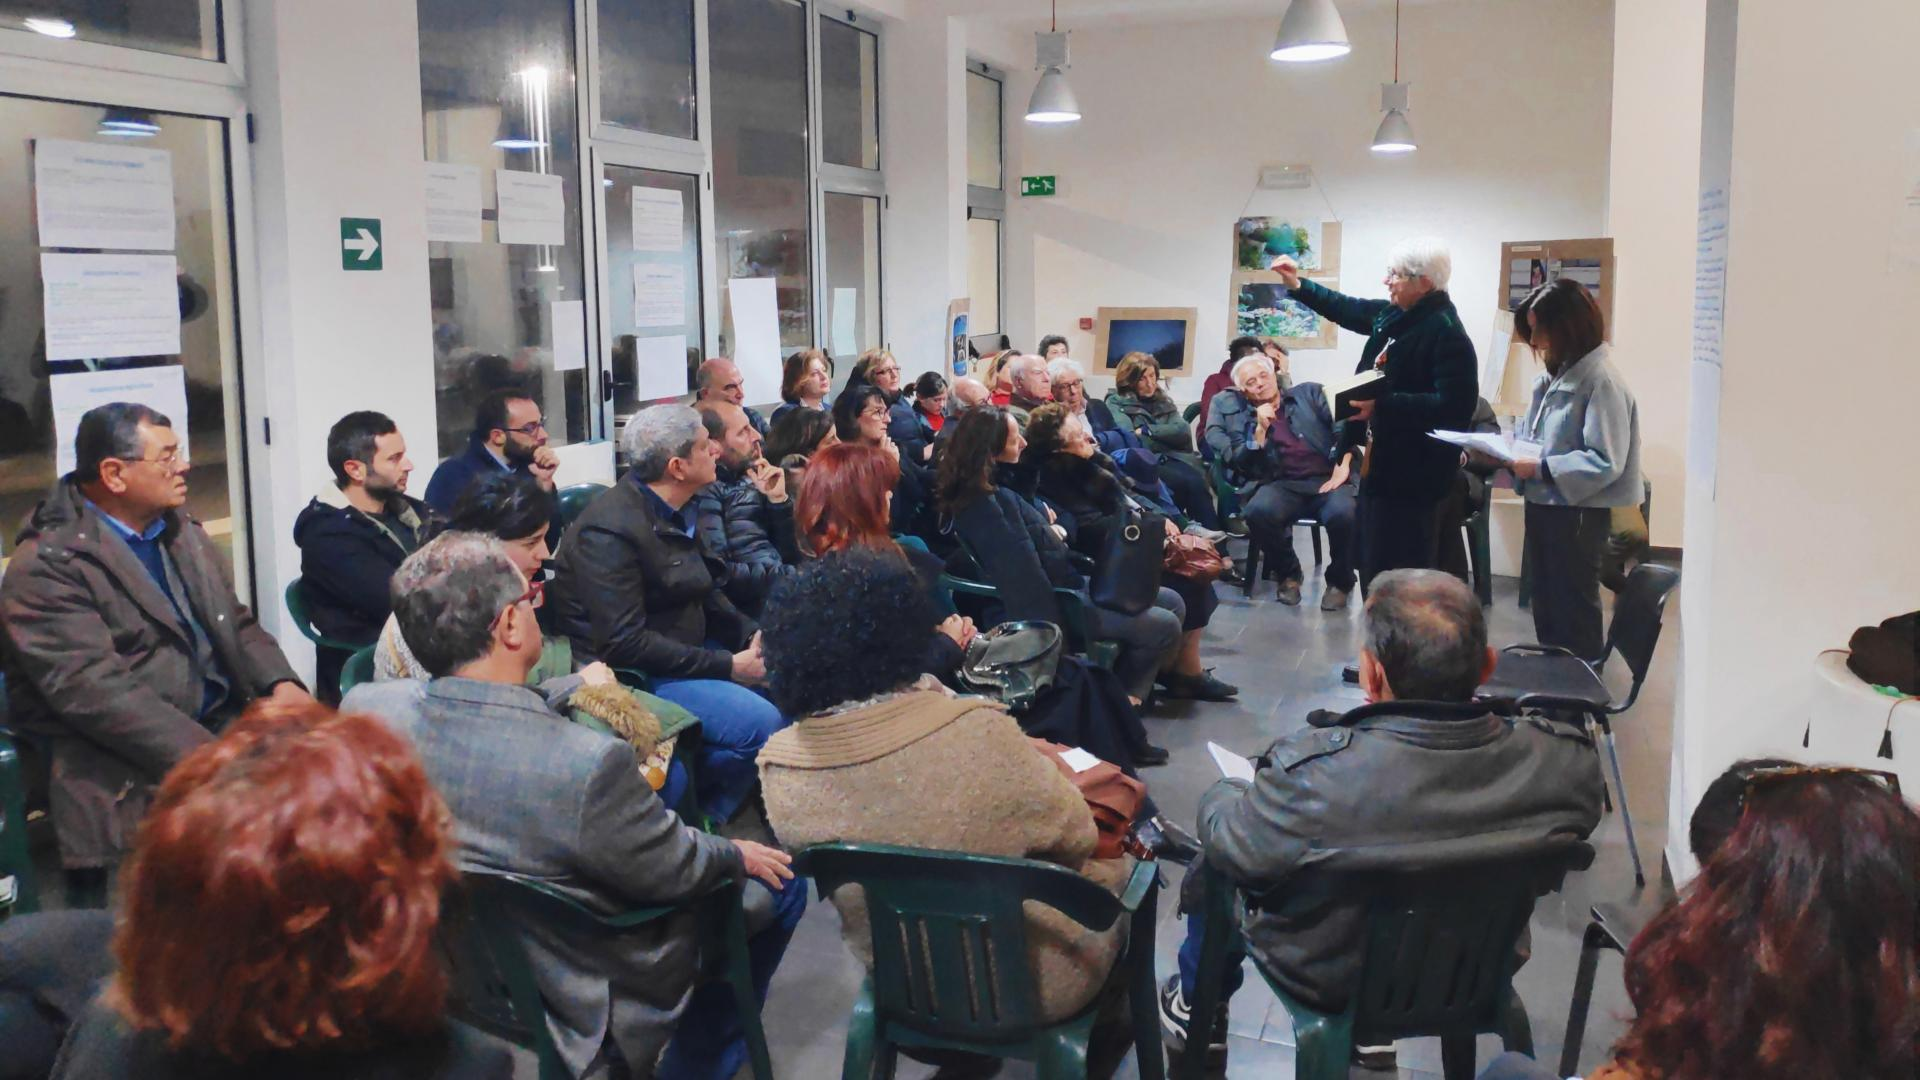 Assemblea pubblica riCALABRIA a Caulonia